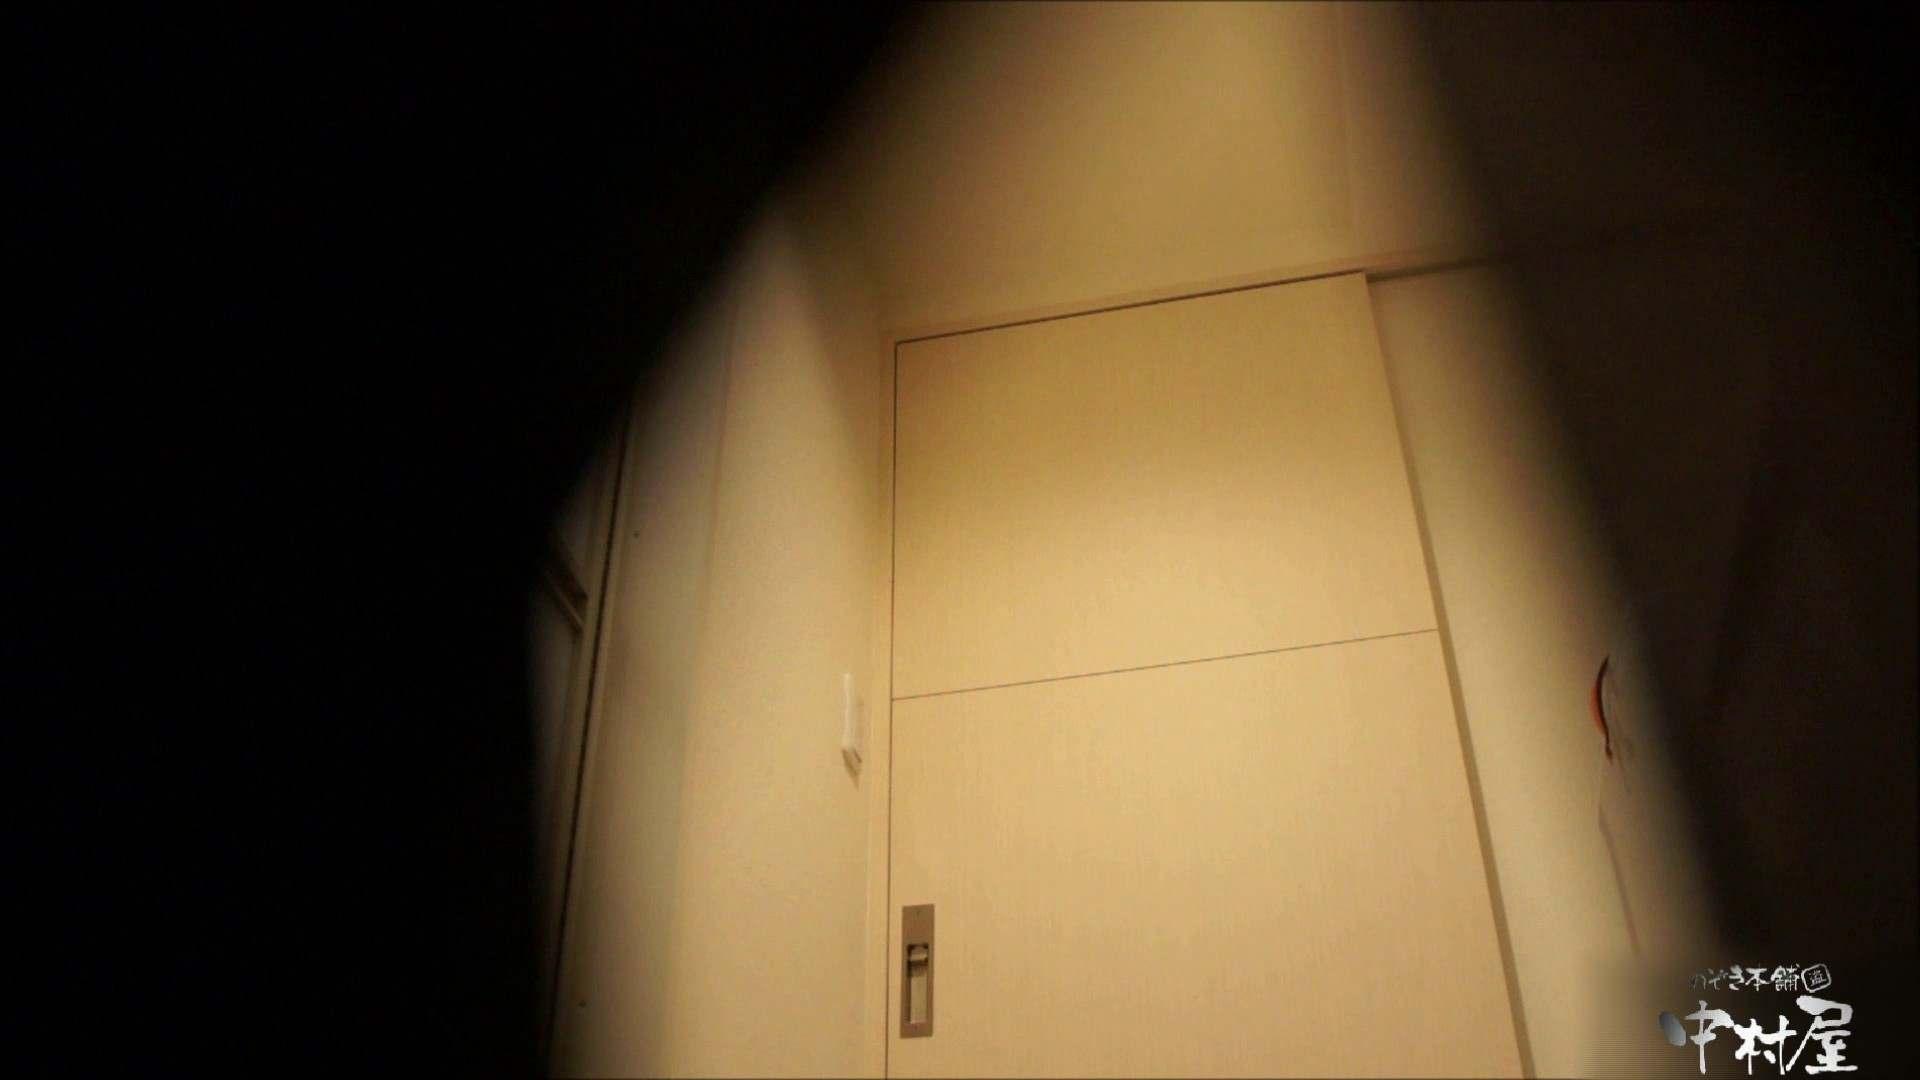 ハメ撮り 二人とも育てた甲斐がありました…vol.59【小春】脱衣所とオナニー隠し撮り 前編 のぞき本舗 中村屋